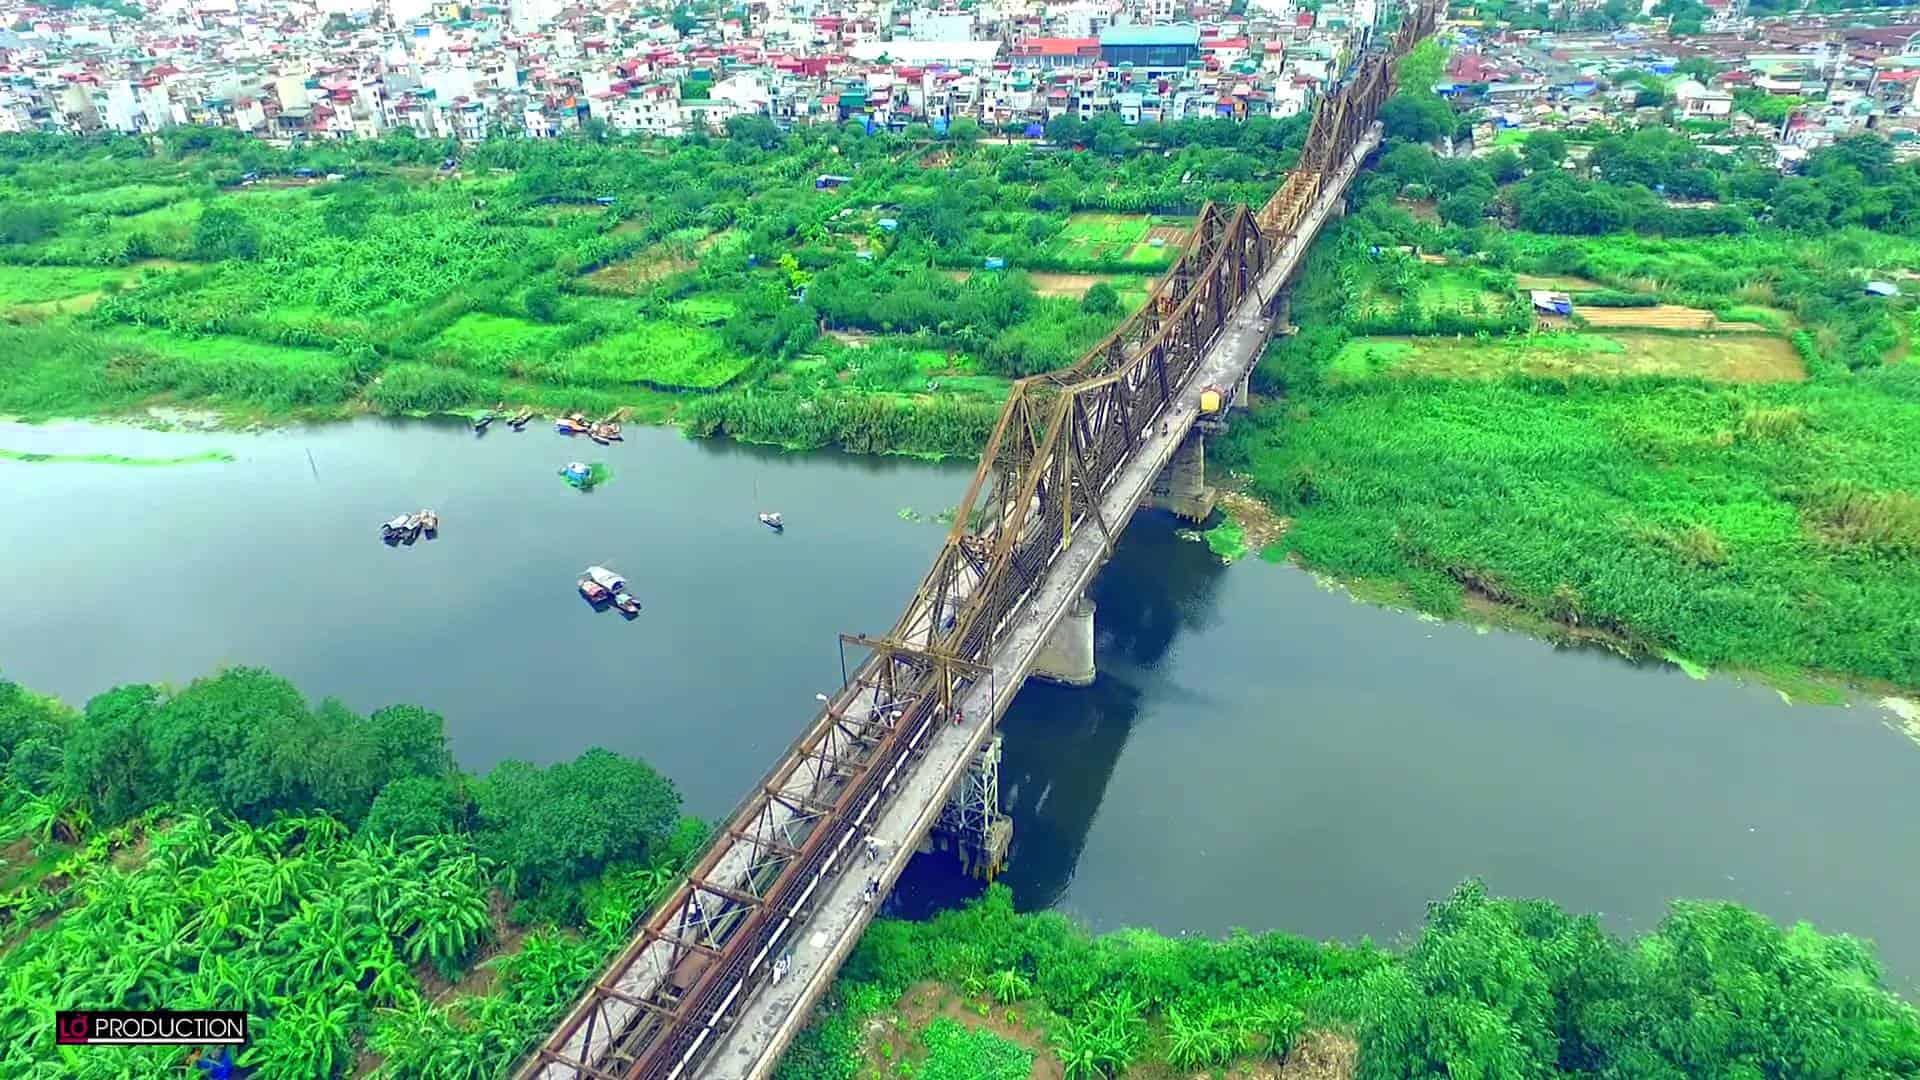 Bãi đá sông Hồng xanh ngắt ngay chân cầu Long Biên